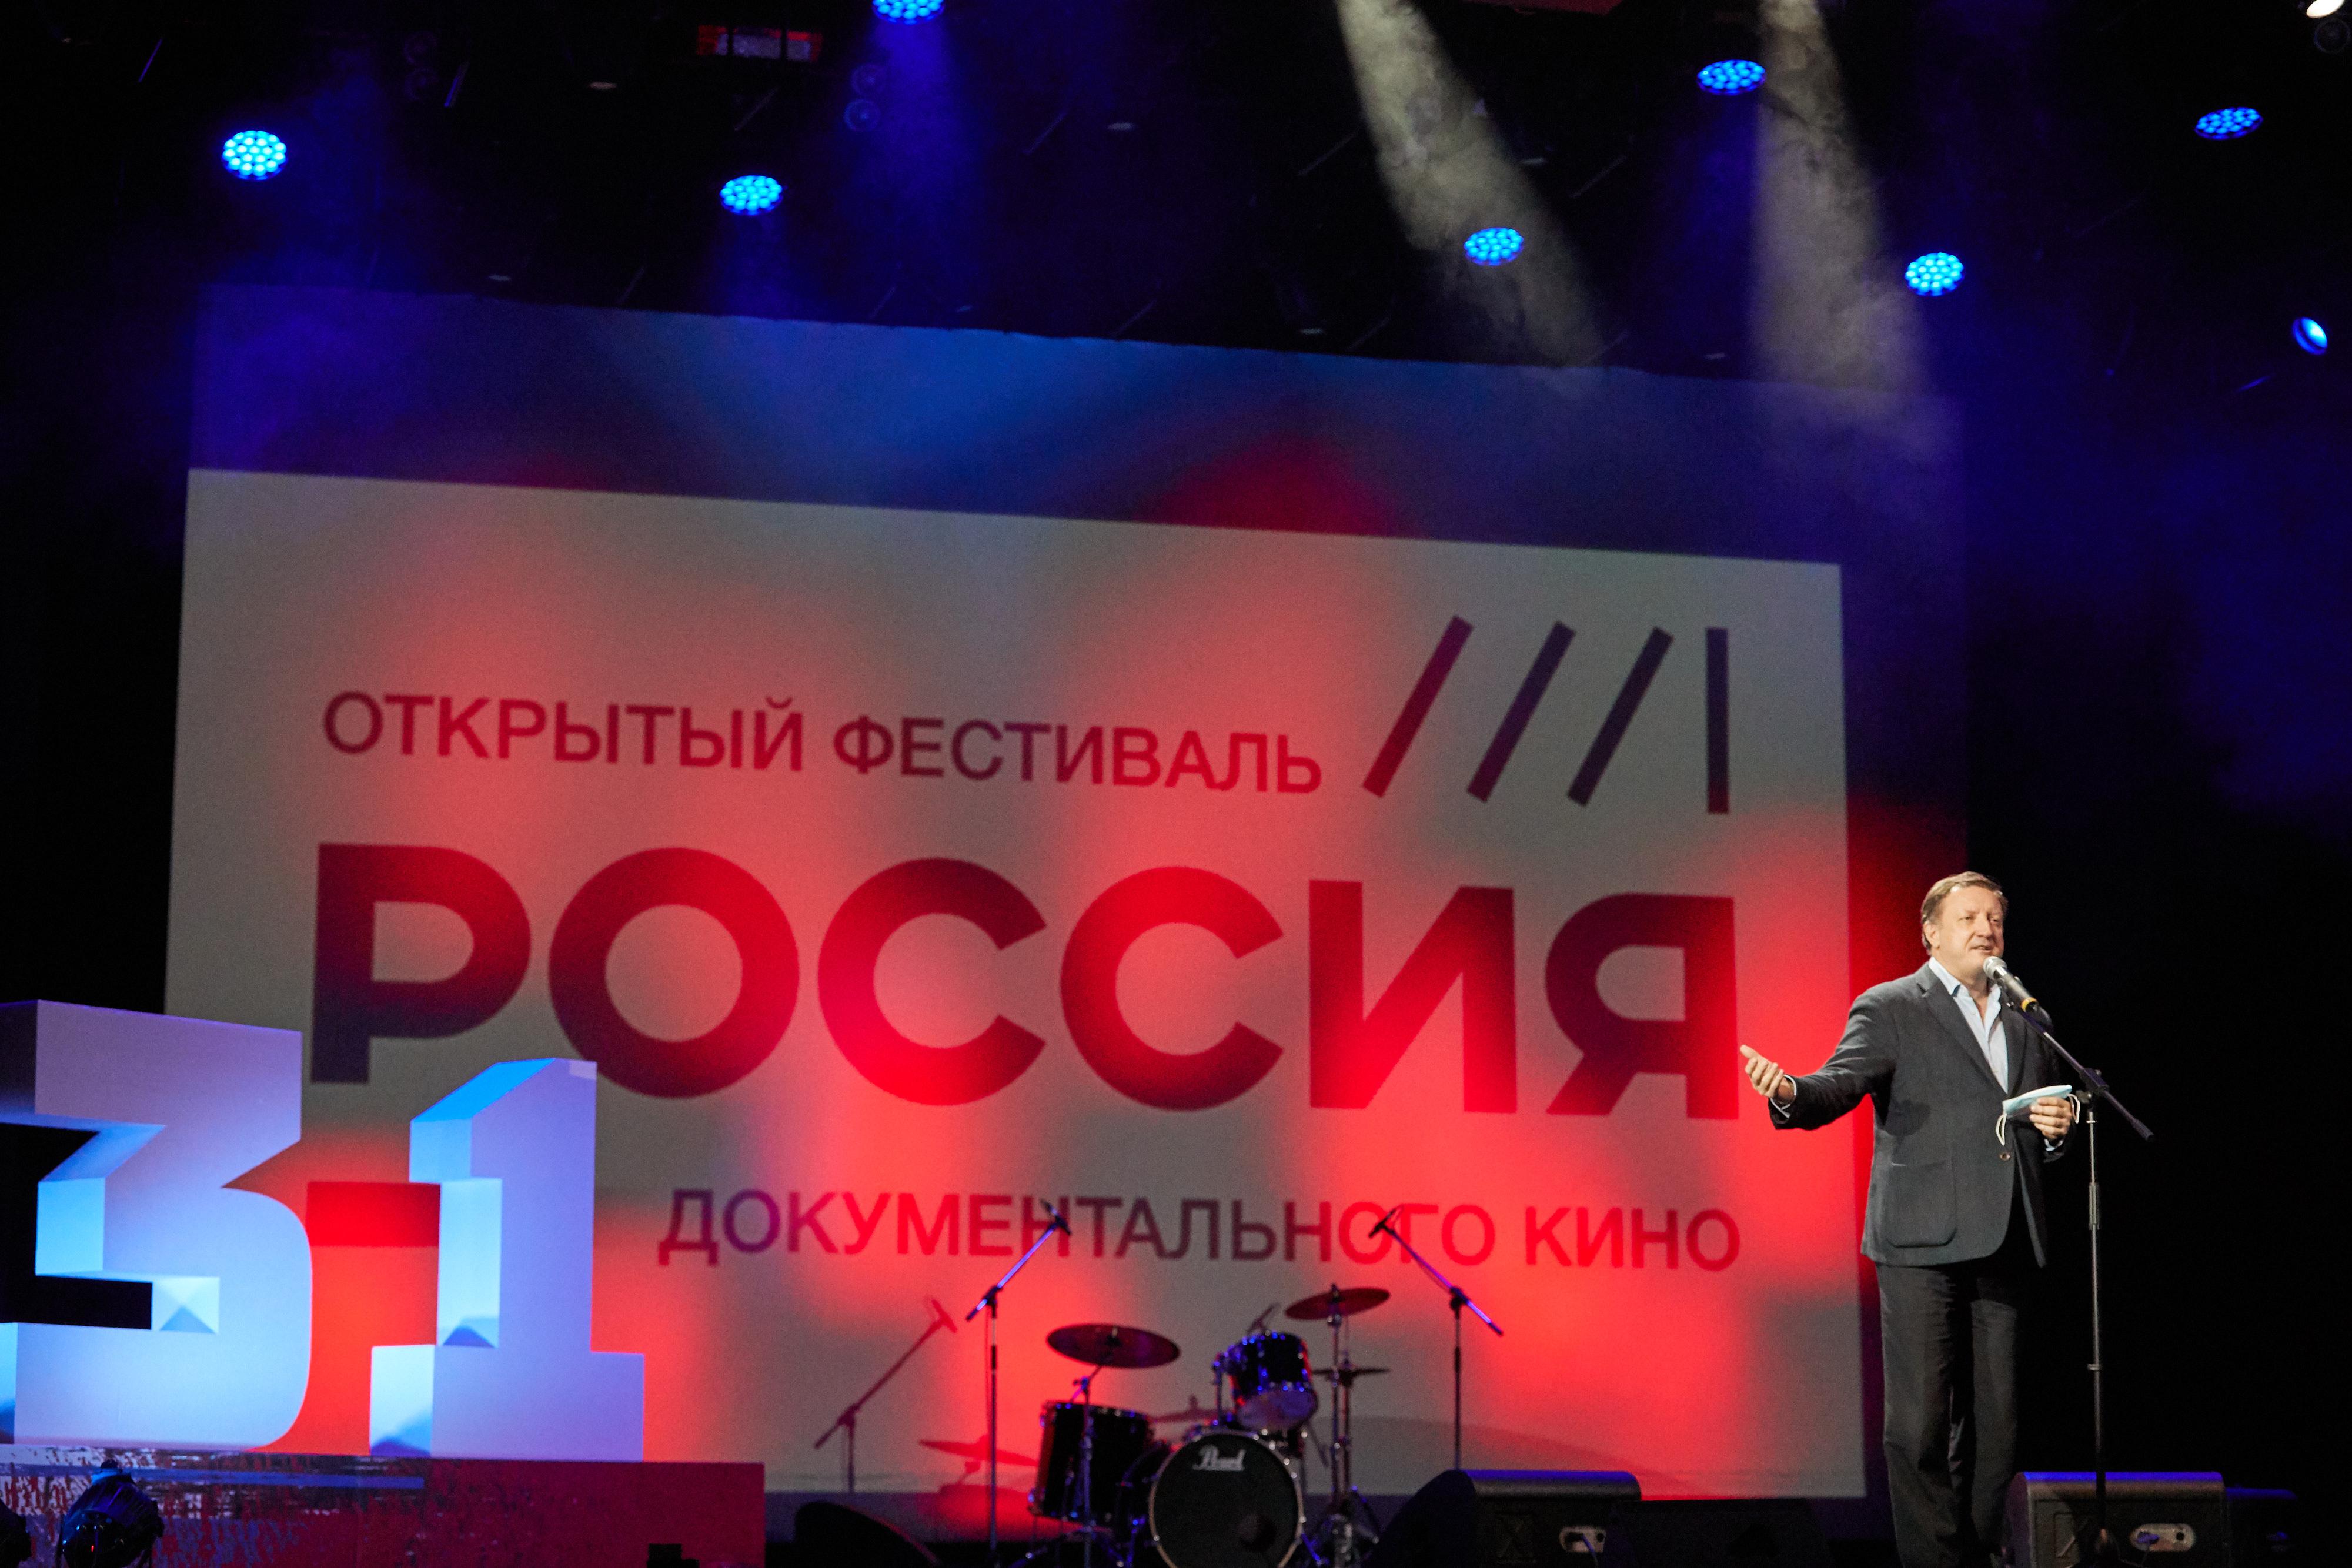 Фестиваль кино Россия